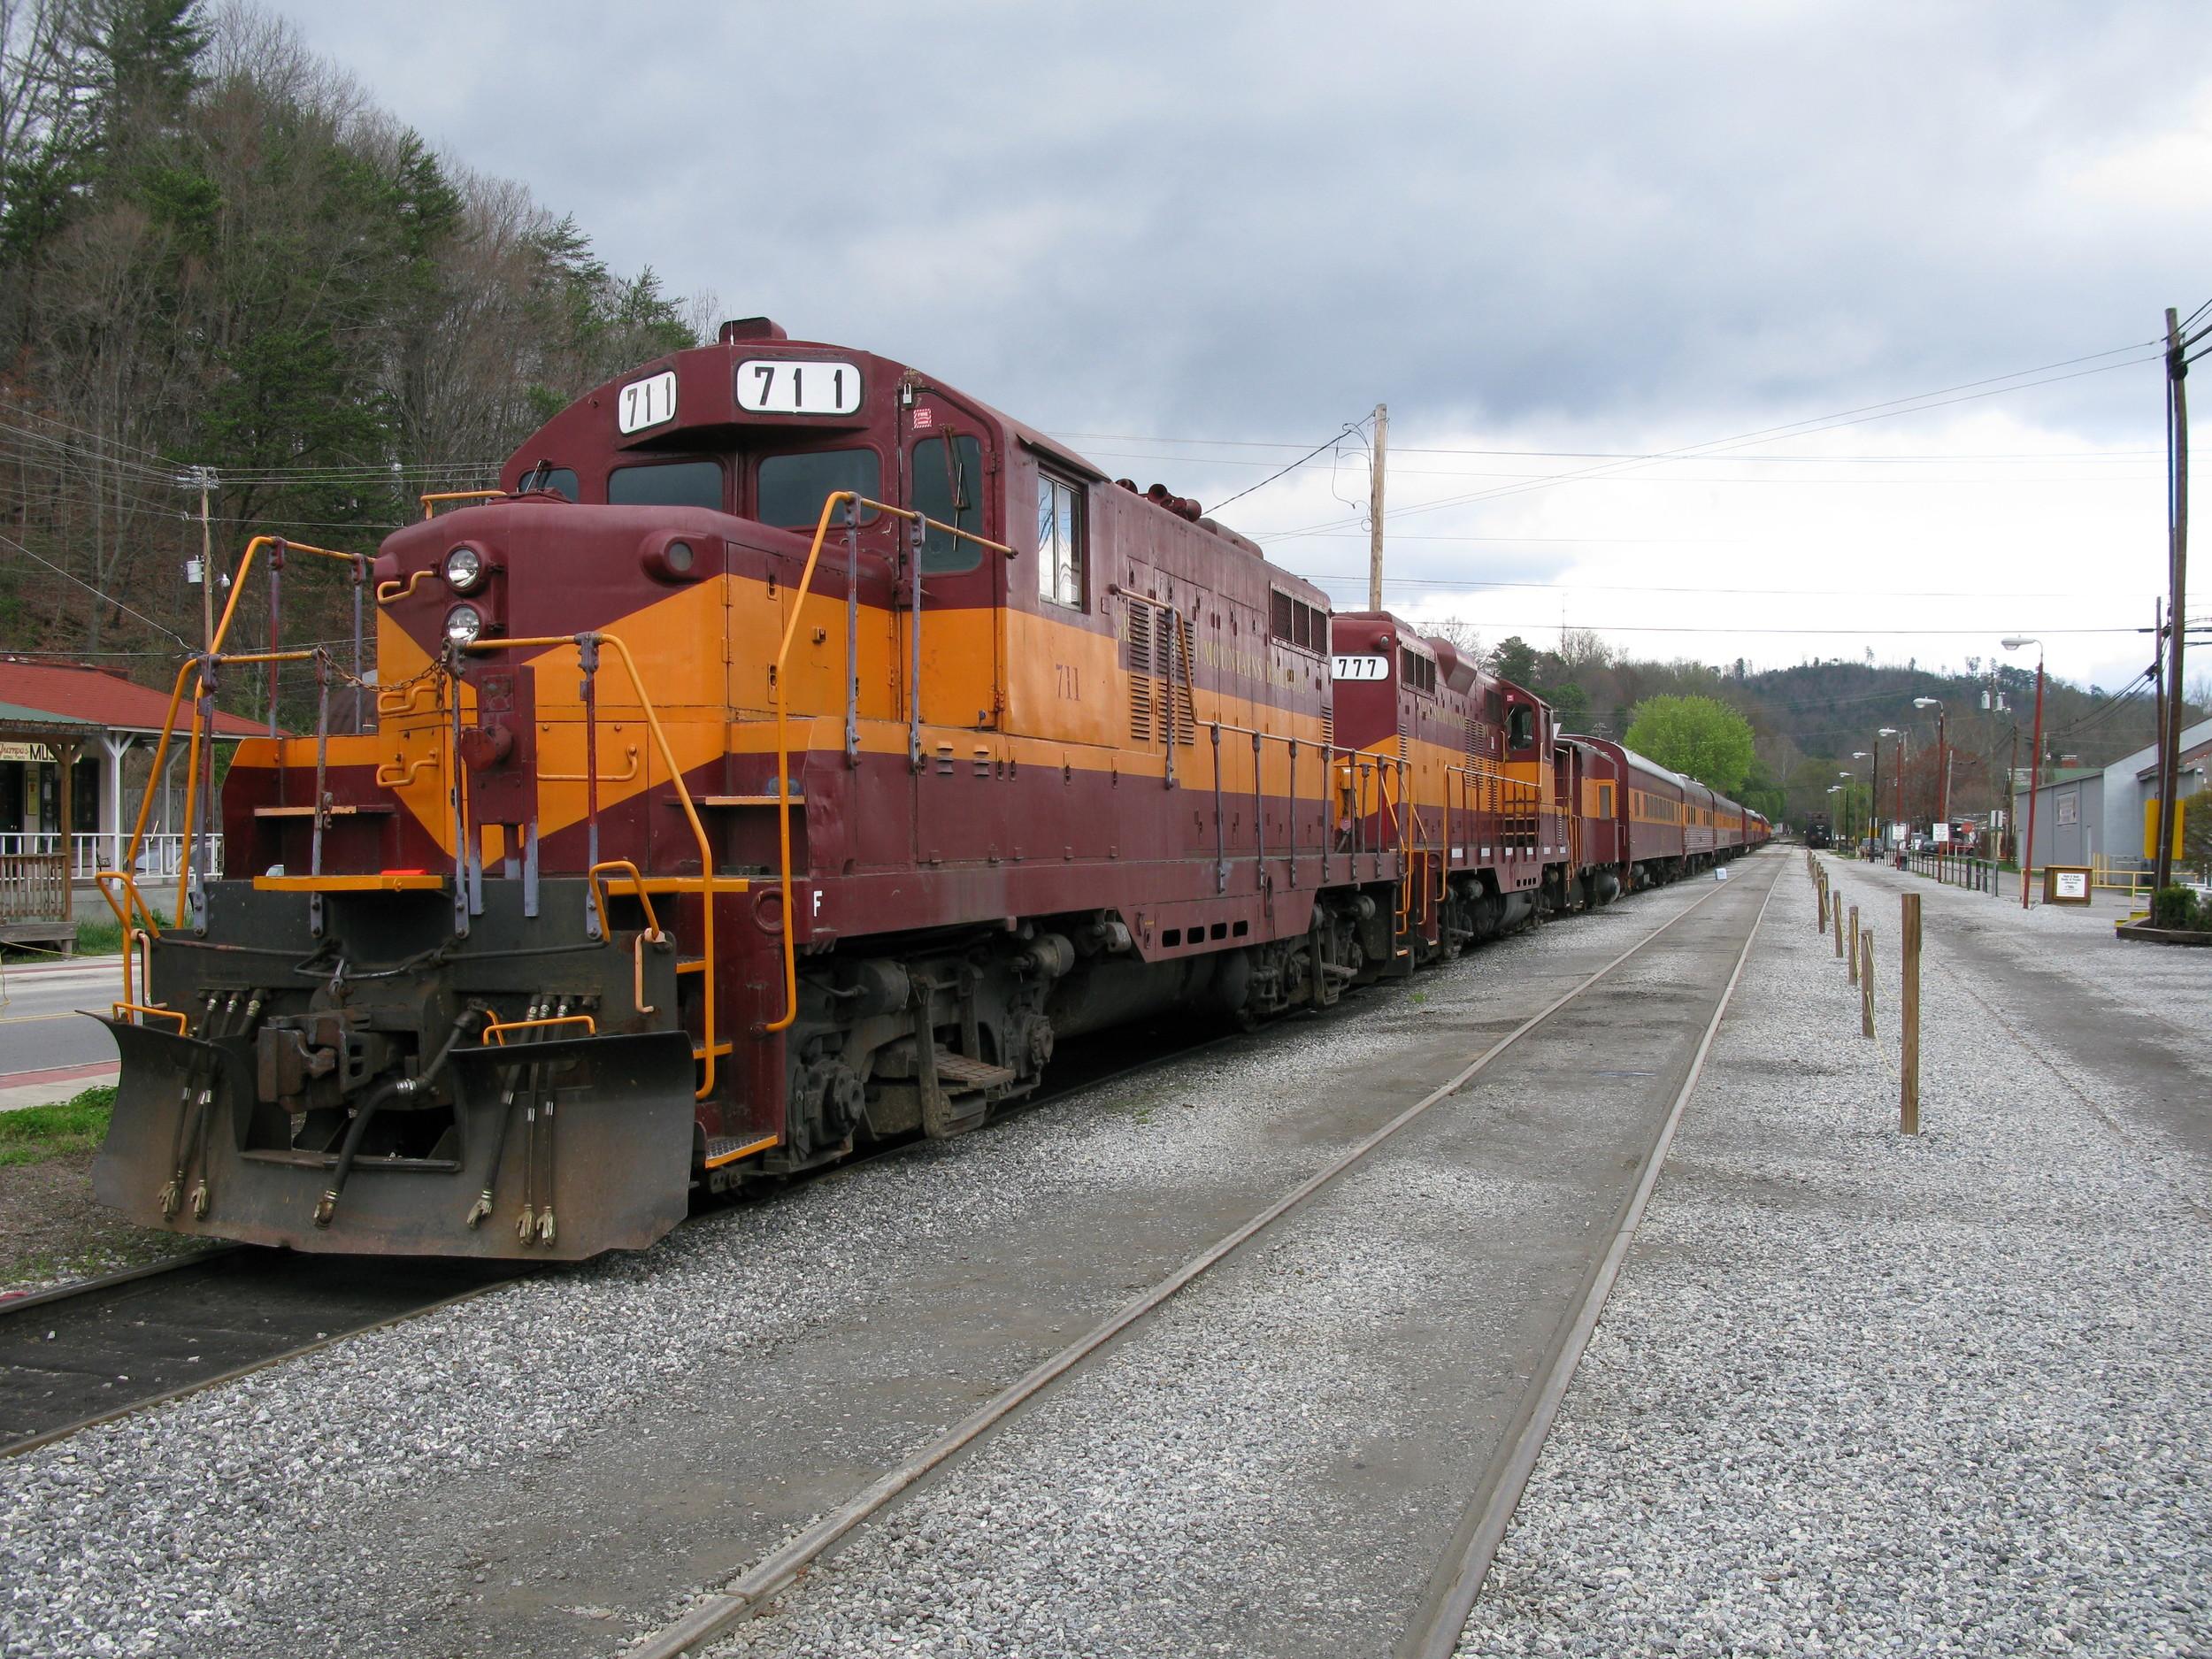 Railroad / Train Adventure